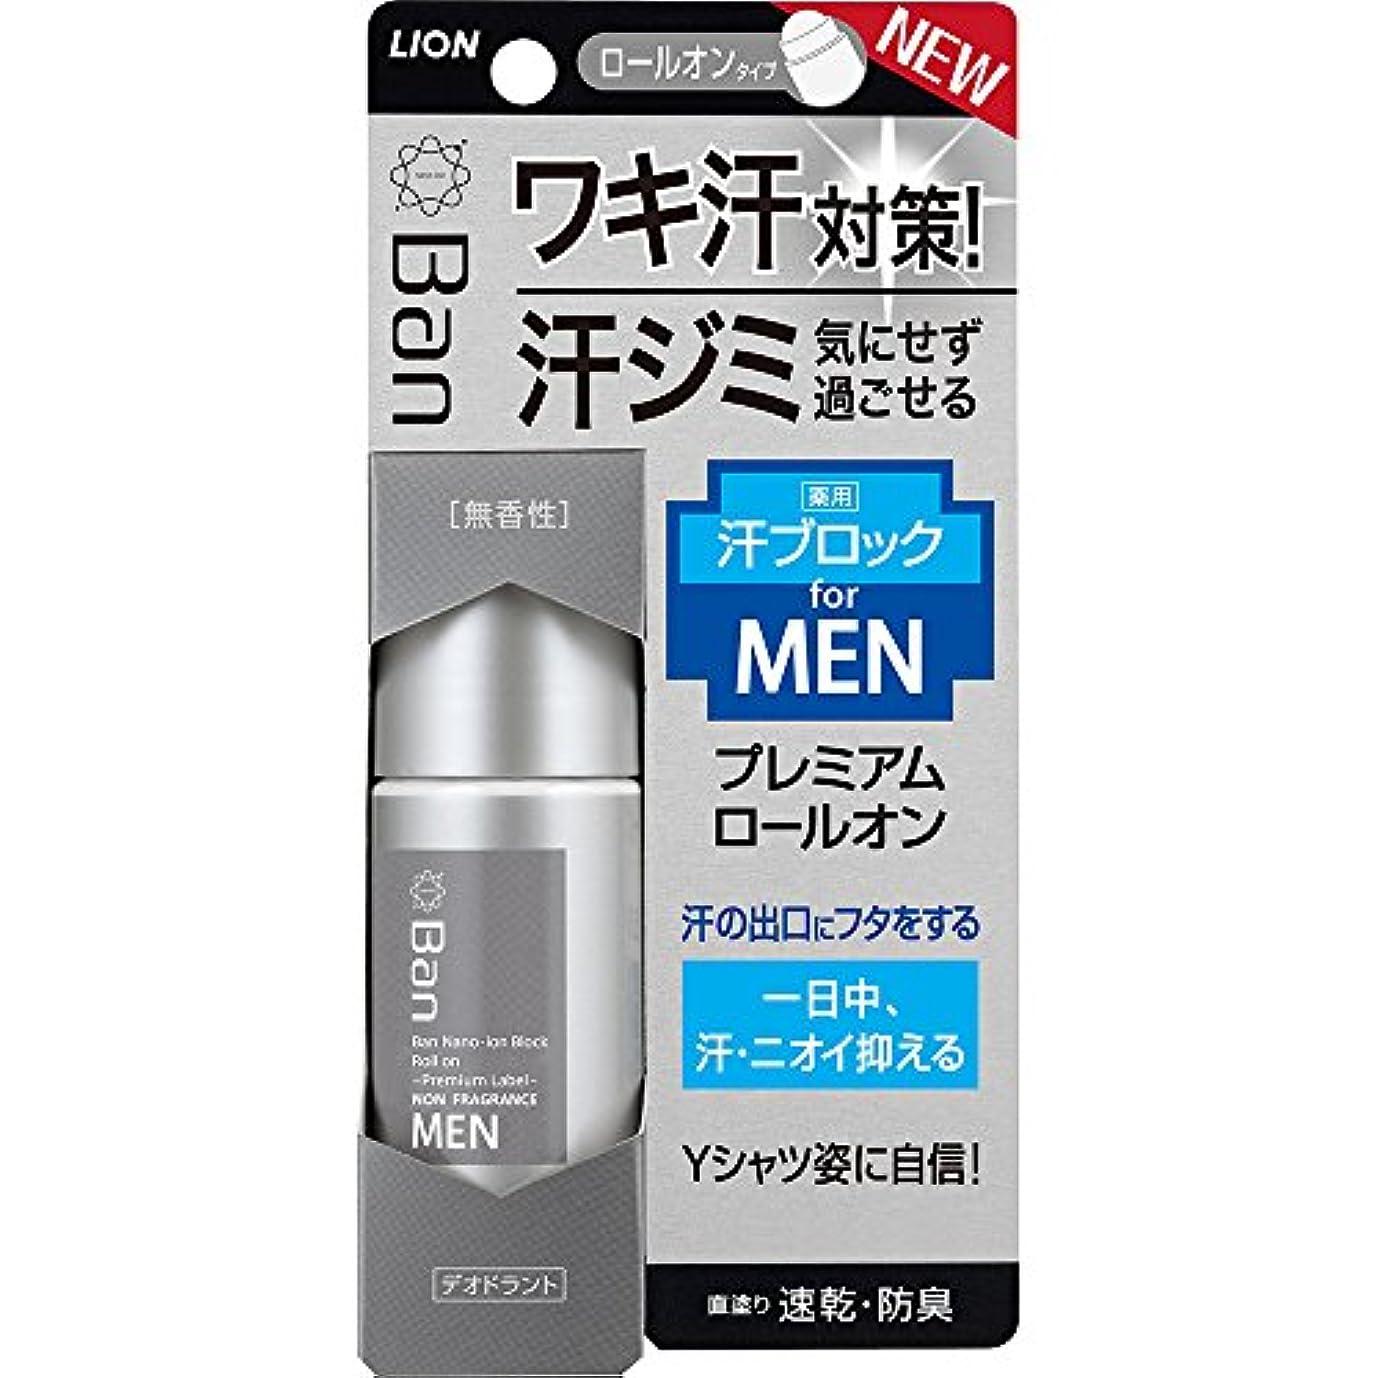 擁する立場アーティキュレーションBan(バン) 汗ブロックロールオン プレミアムラベル 男性用 無香性 40ml(医薬部外品)